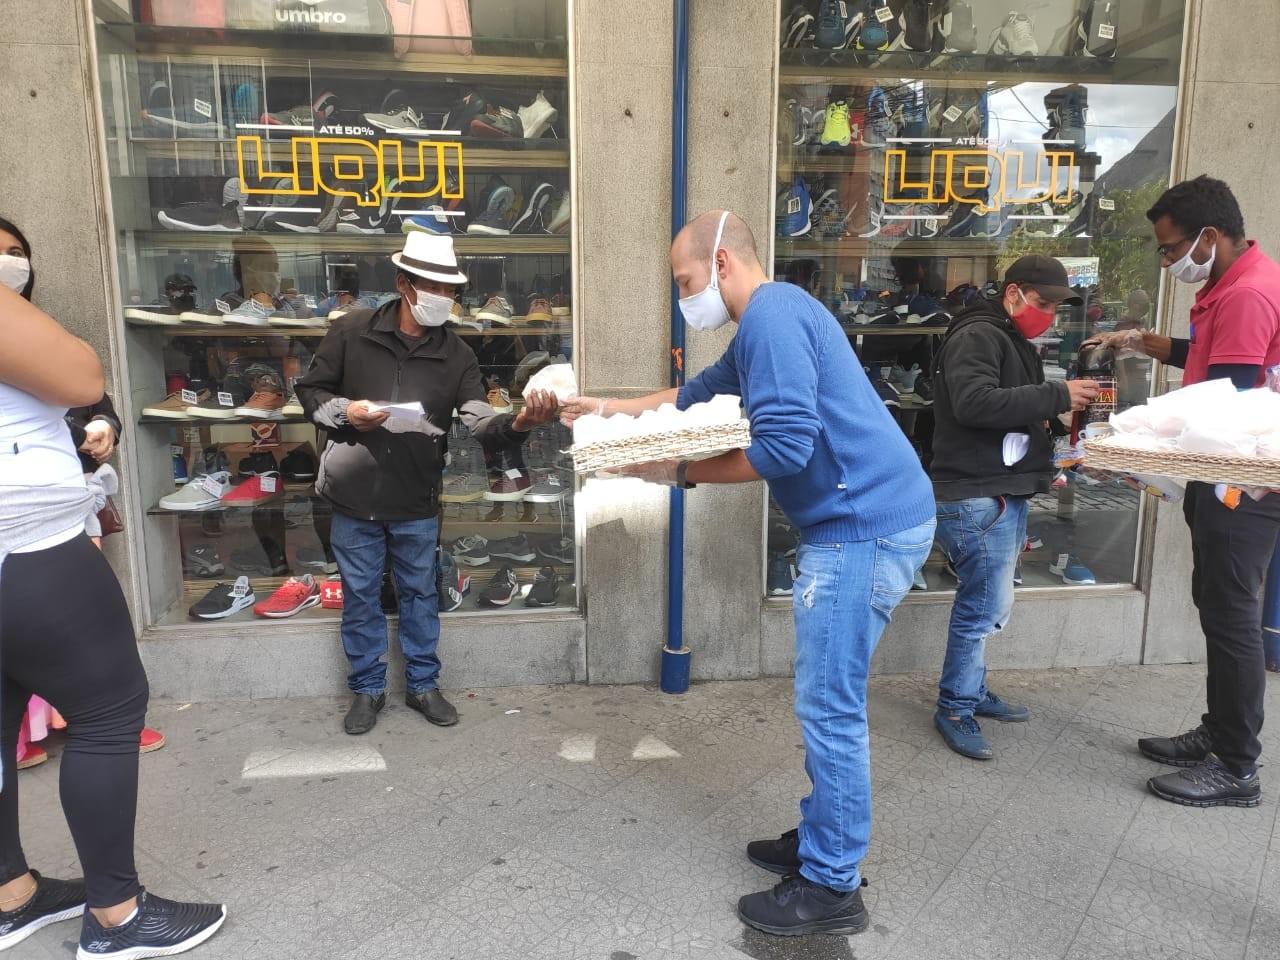 Empresário de Nova Friburgo, RJ, distribui pão e café em fila por auxílio emergencial: 'um pouquinho faz a diferença'